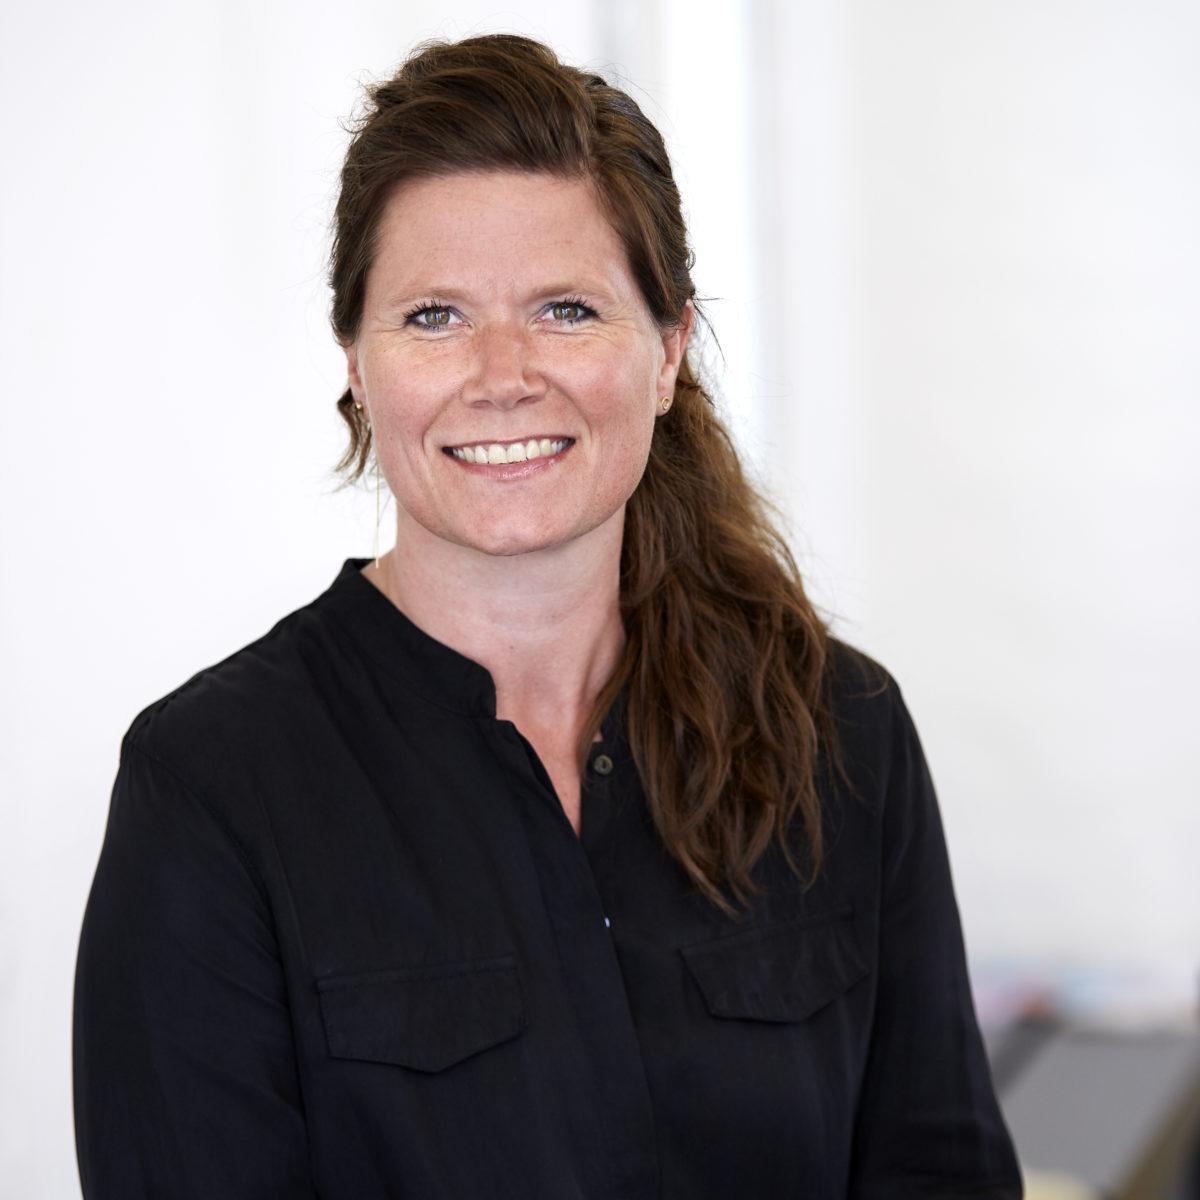 Chefkonsulent og underviser Trine Teglhus